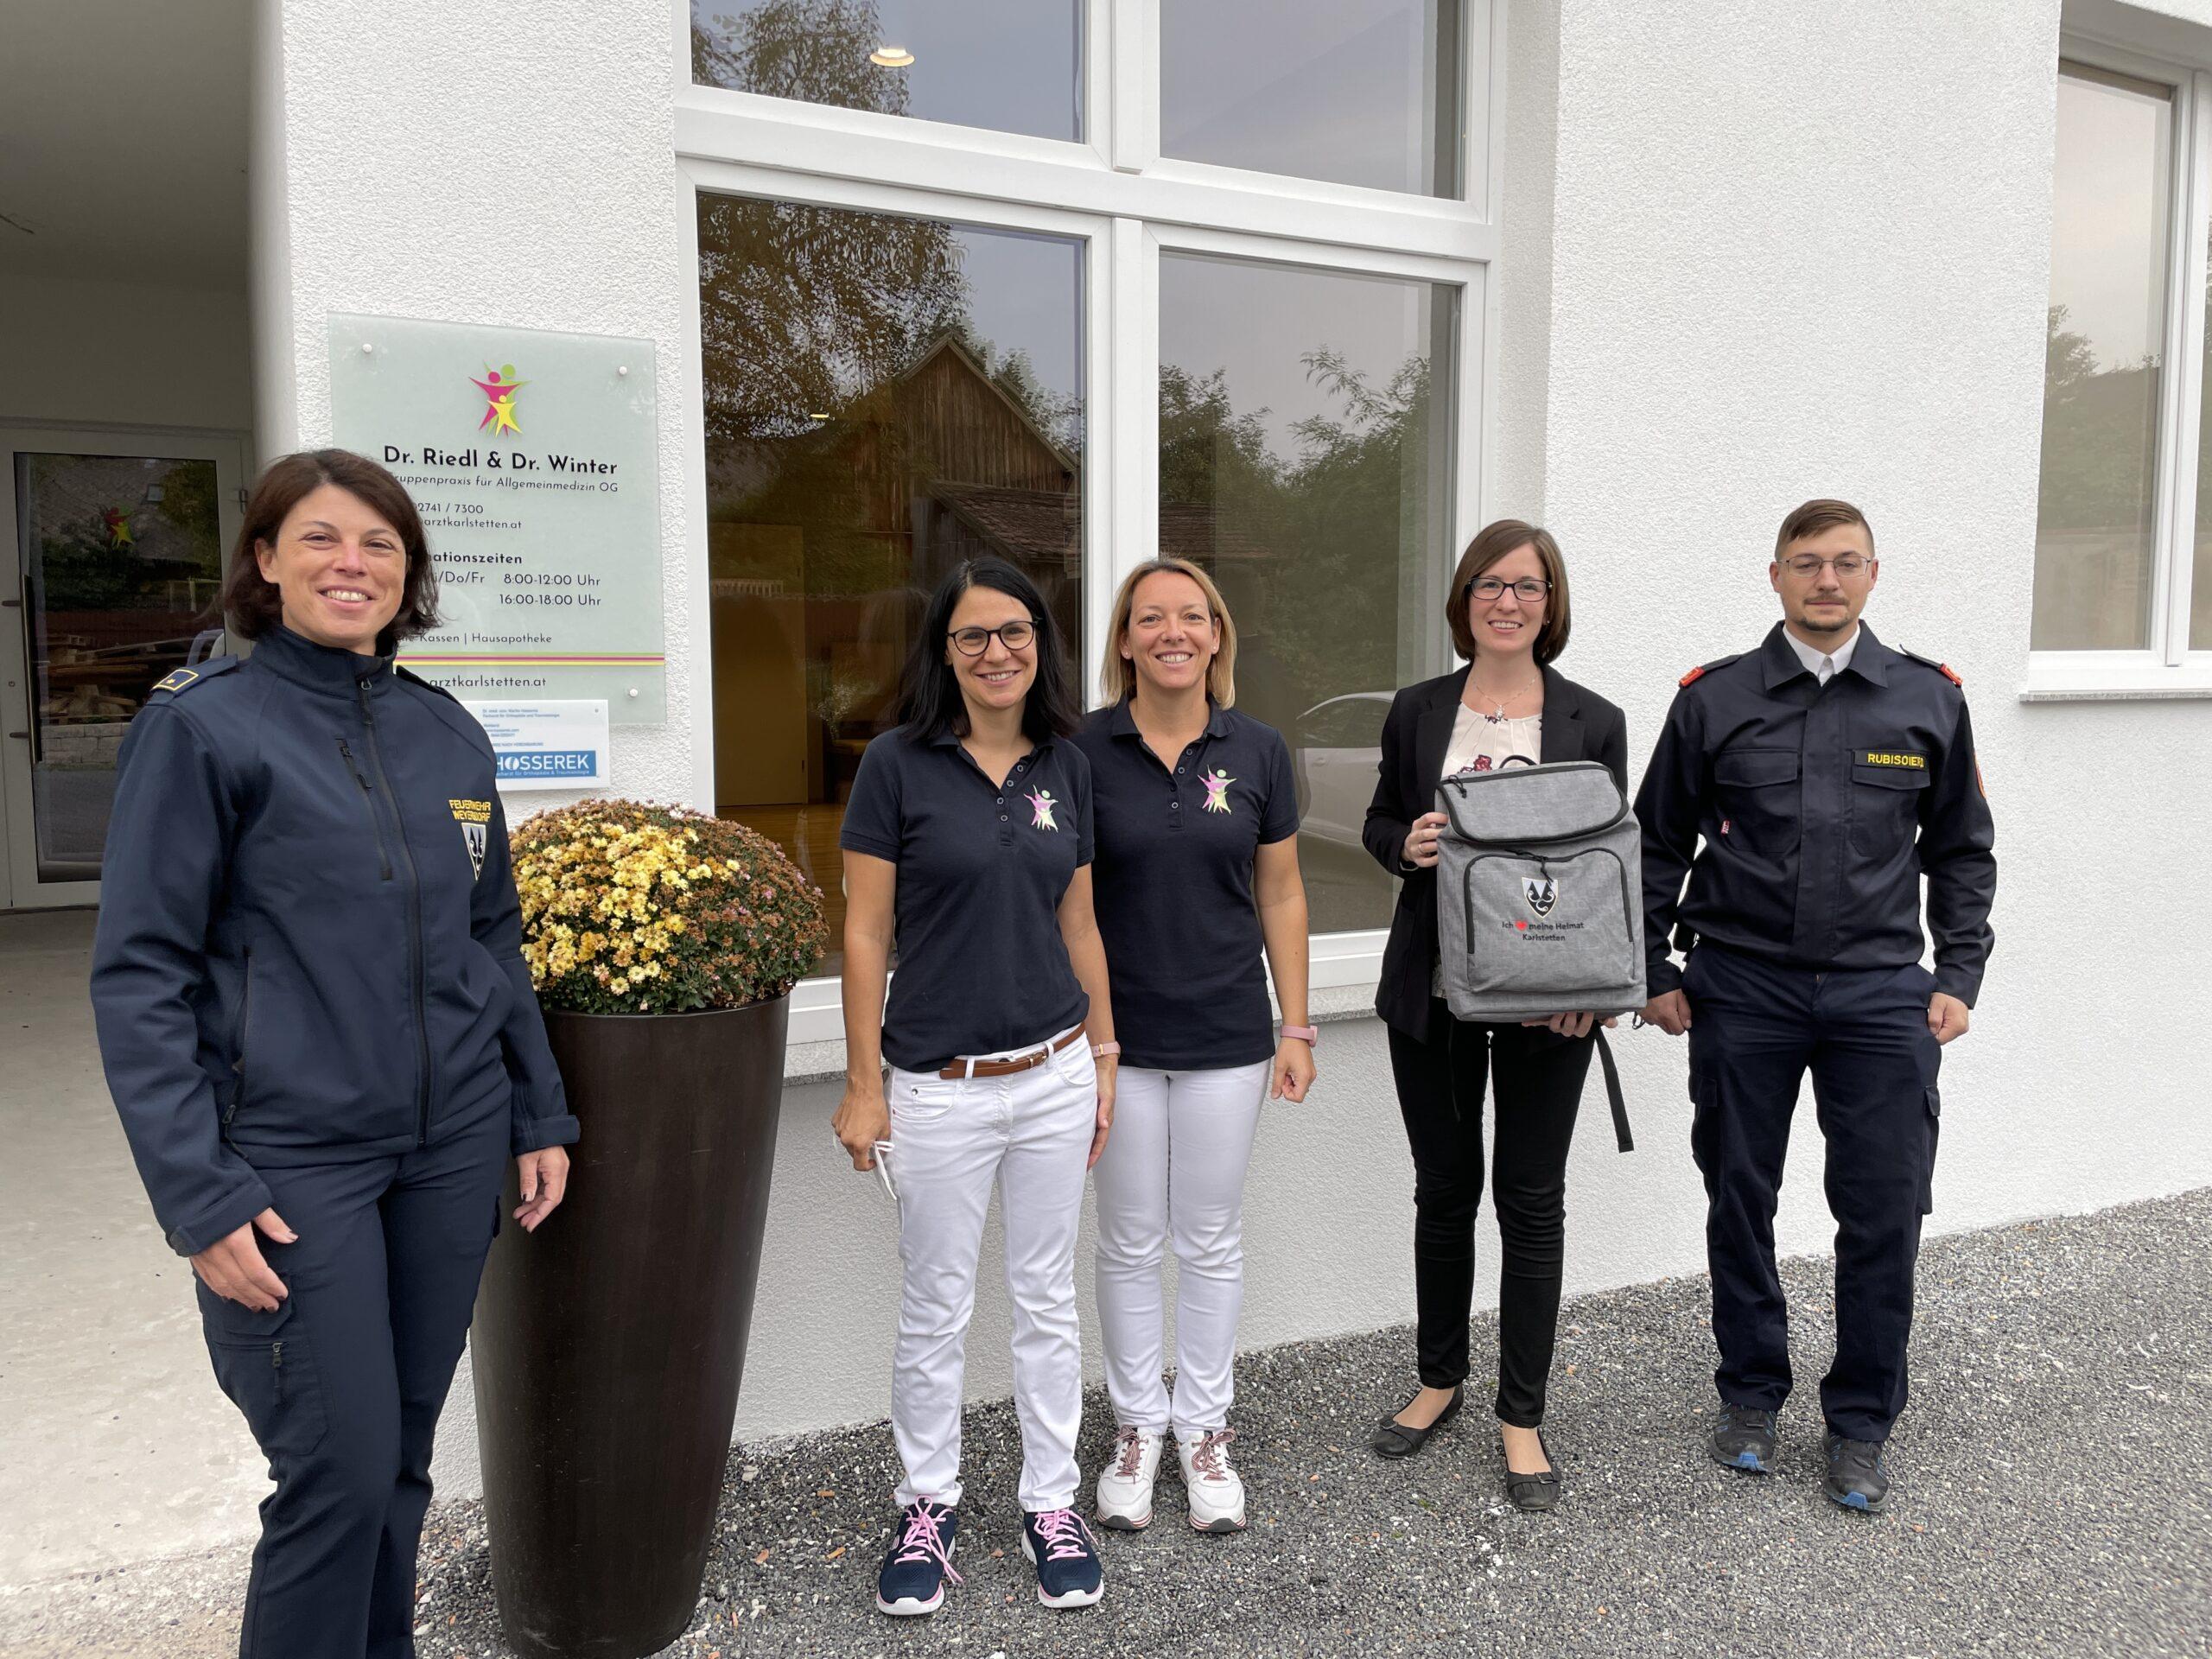 Erste Hilfe Ausrüstung für die Feuerwehrjugend 29.09.2021